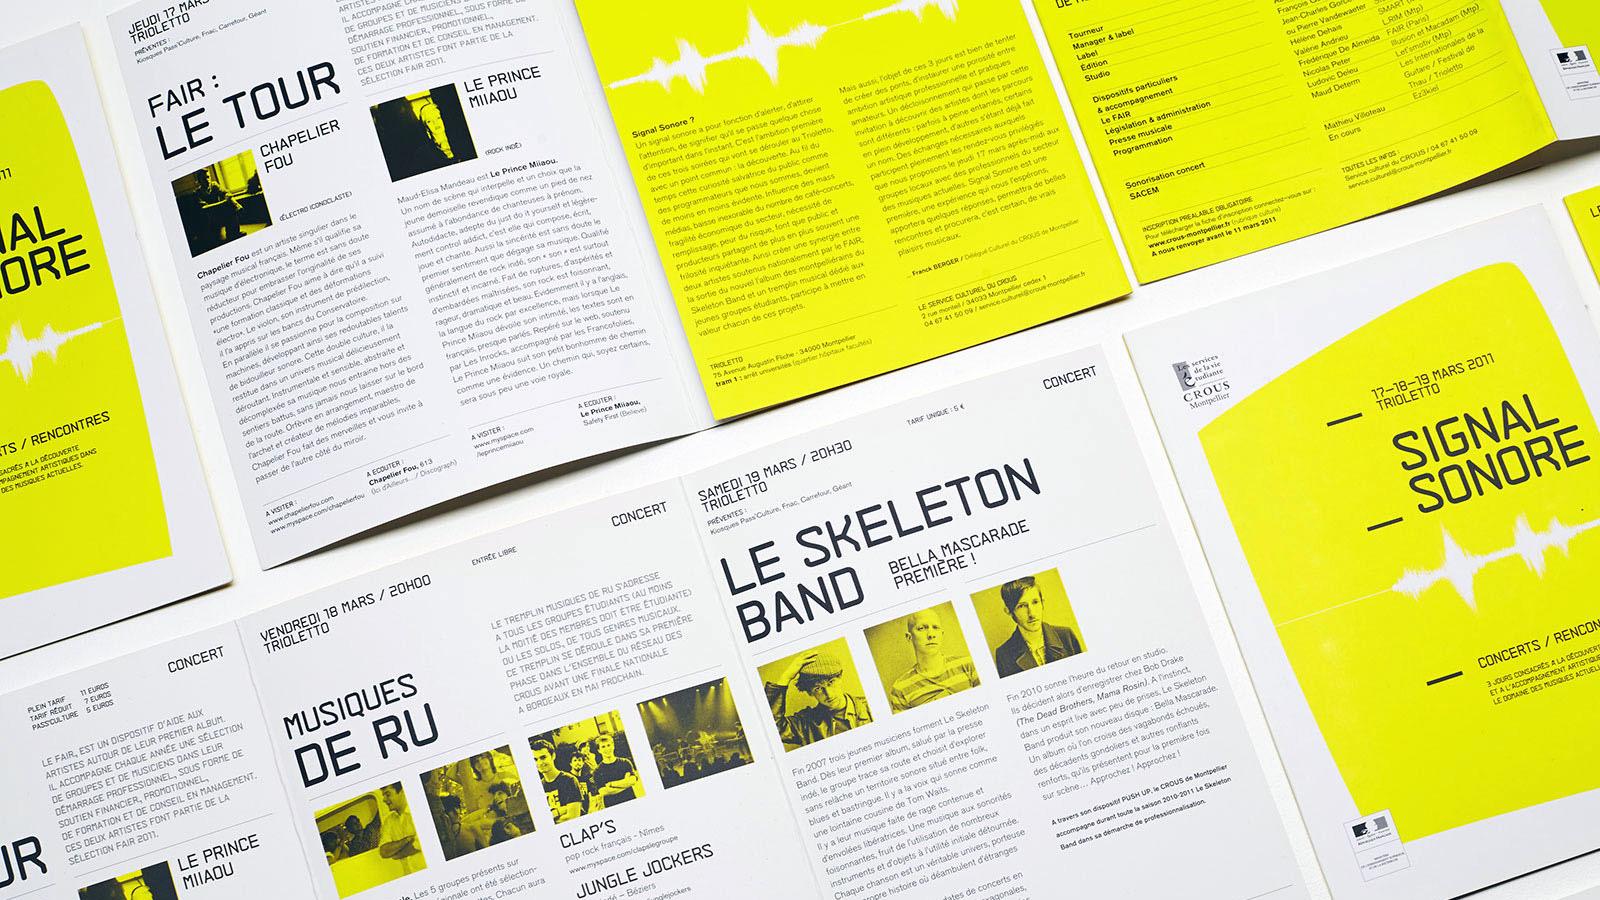 graphiste-montpellier-designer-graphique-communication-montpellier-photogrphe-alexandre-bena_BENADESIGN-0582